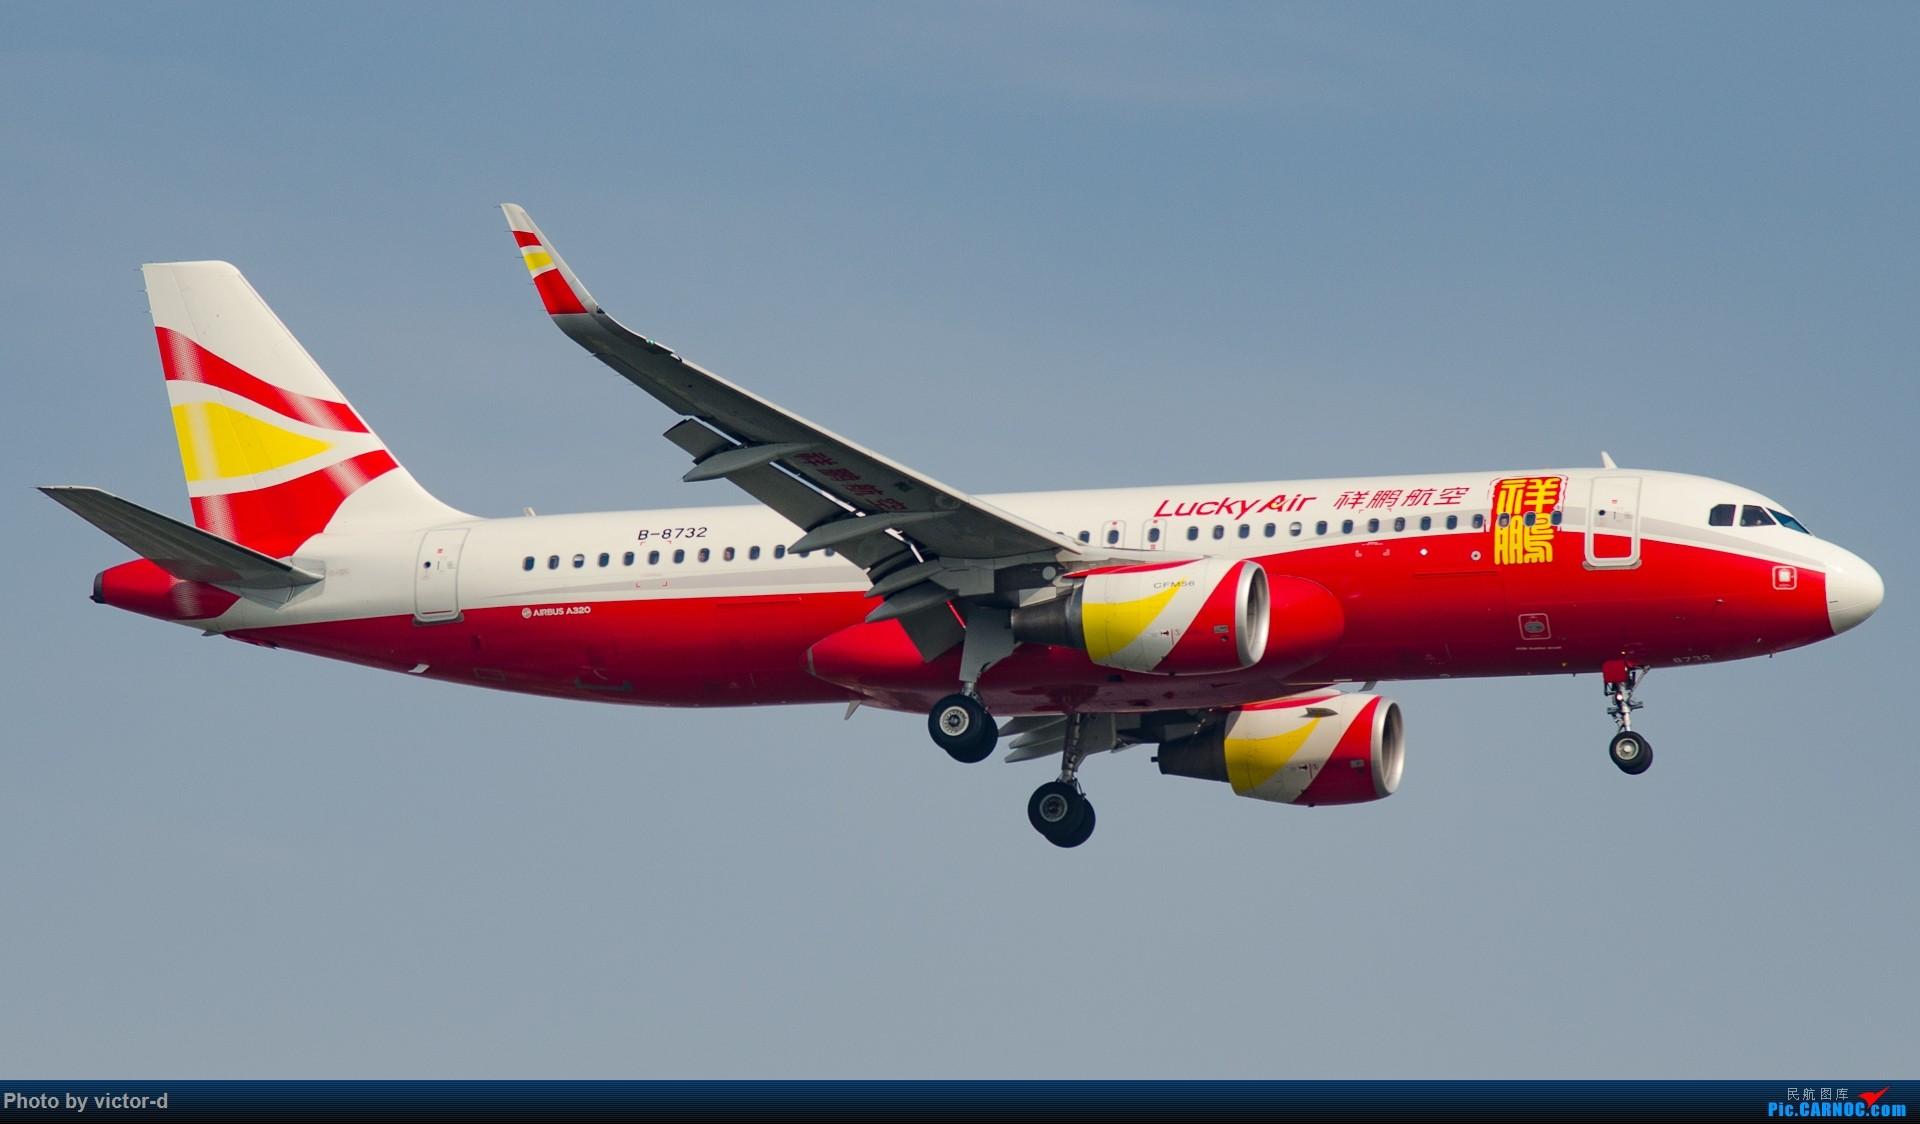 Re:[原创]【上海飞友会】拍机记录帖-记录这些年拍到的飞机-不定期更新 AIRBUS A320-200 B-8732 中国上海虹桥国际机场